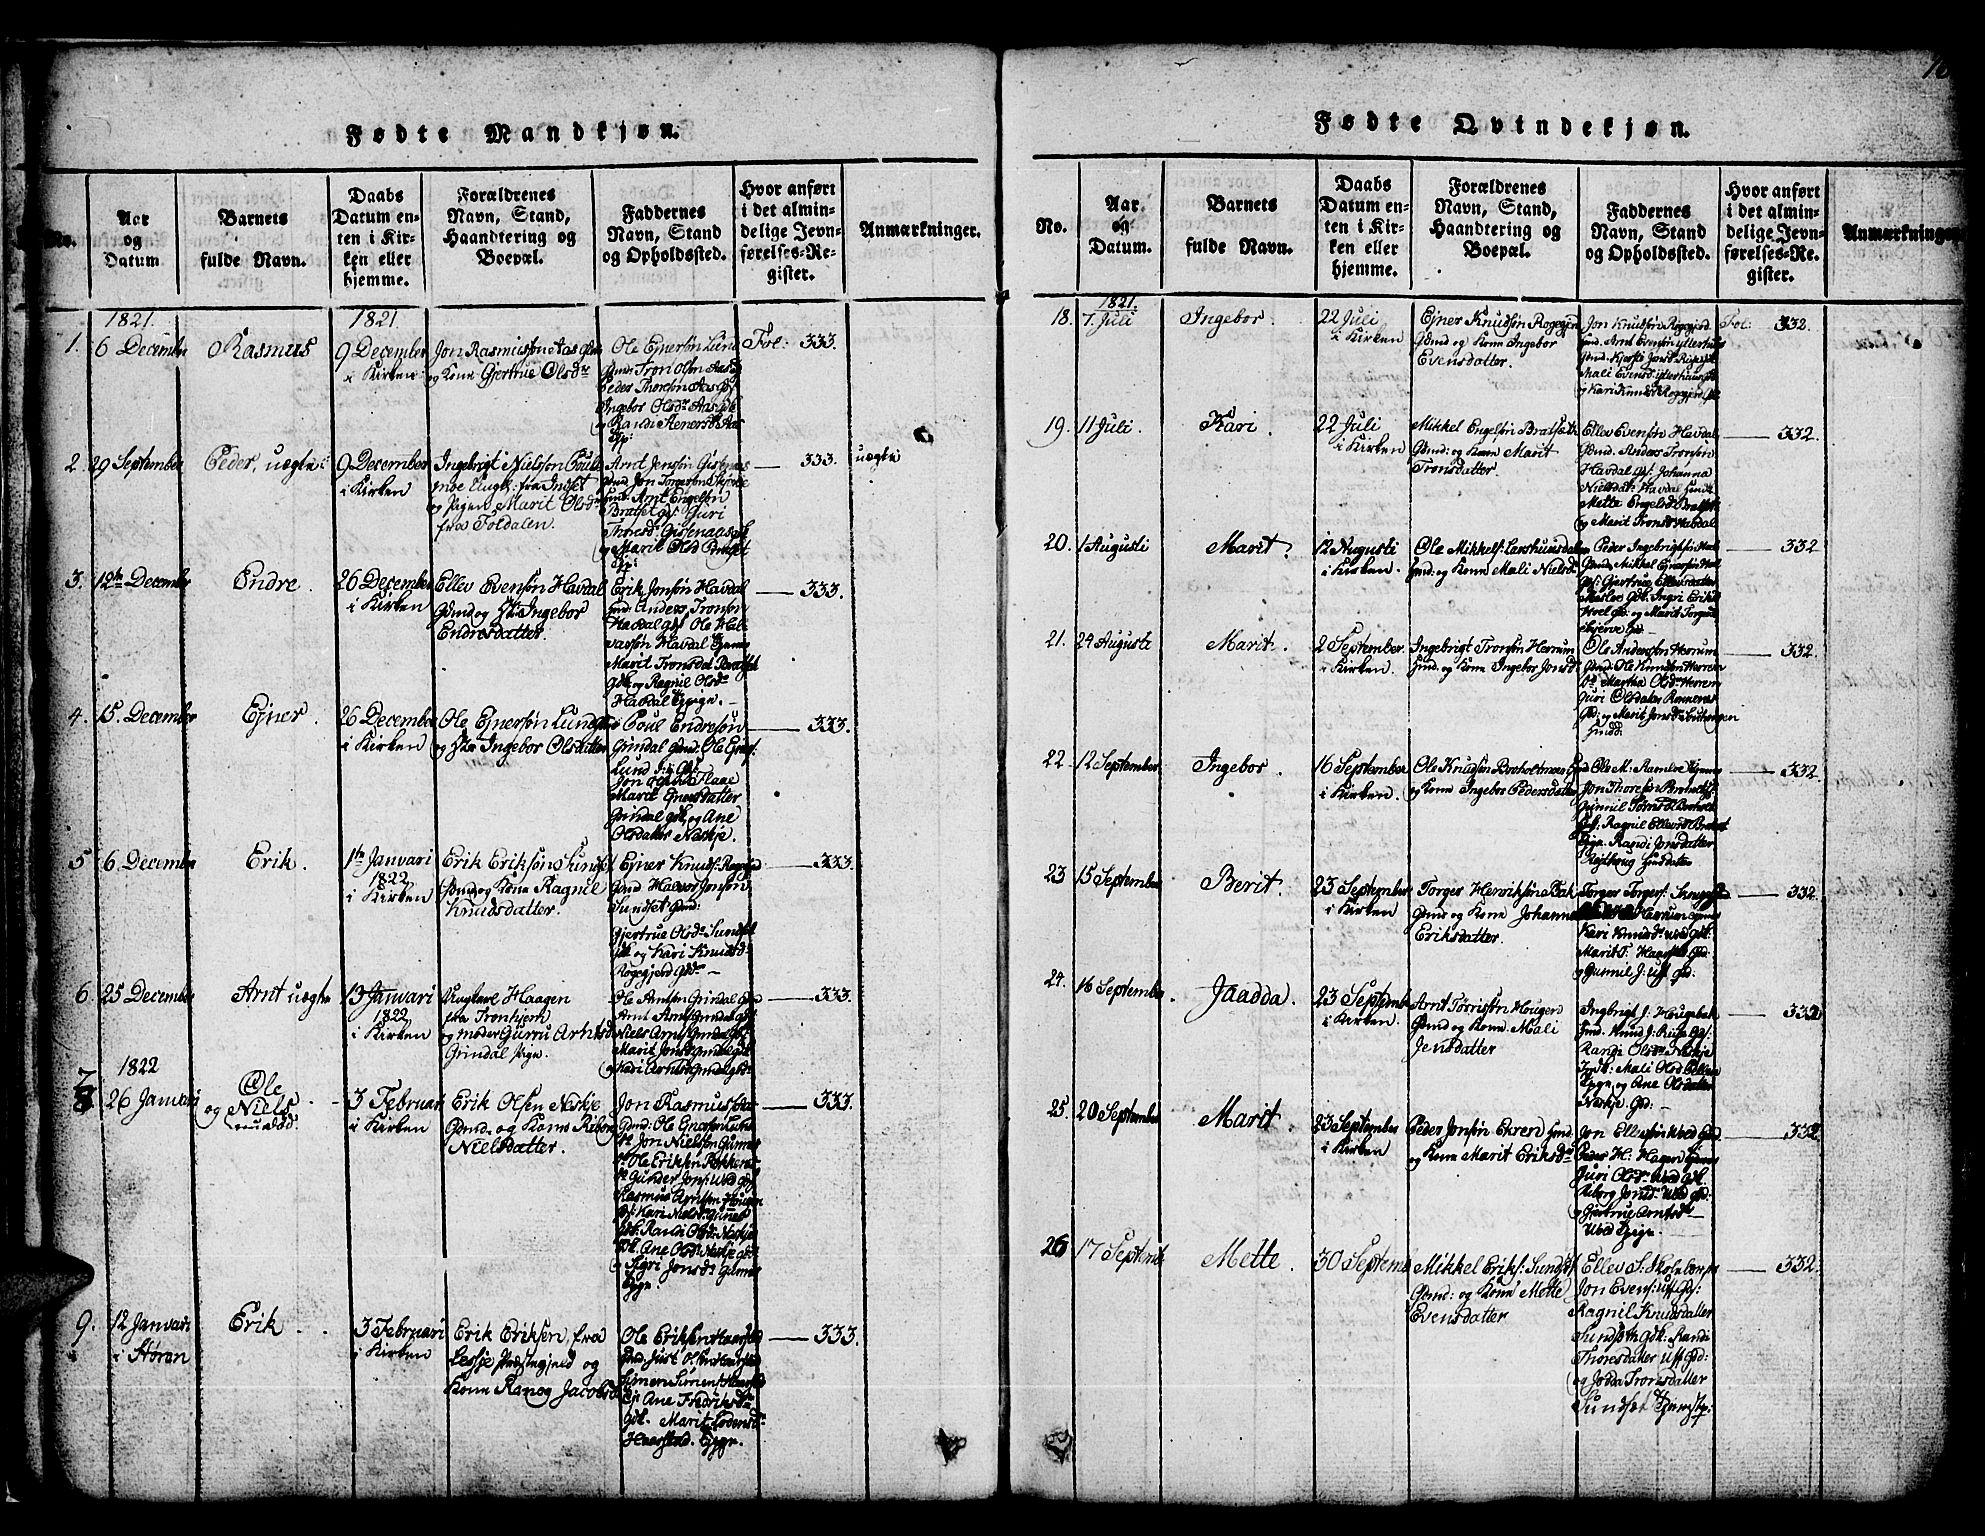 SAT, Ministerialprotokoller, klokkerbøker og fødselsregistre - Sør-Trøndelag, 674/L0874: Klokkerbok nr. 674C01, 1816-1860, s. 16